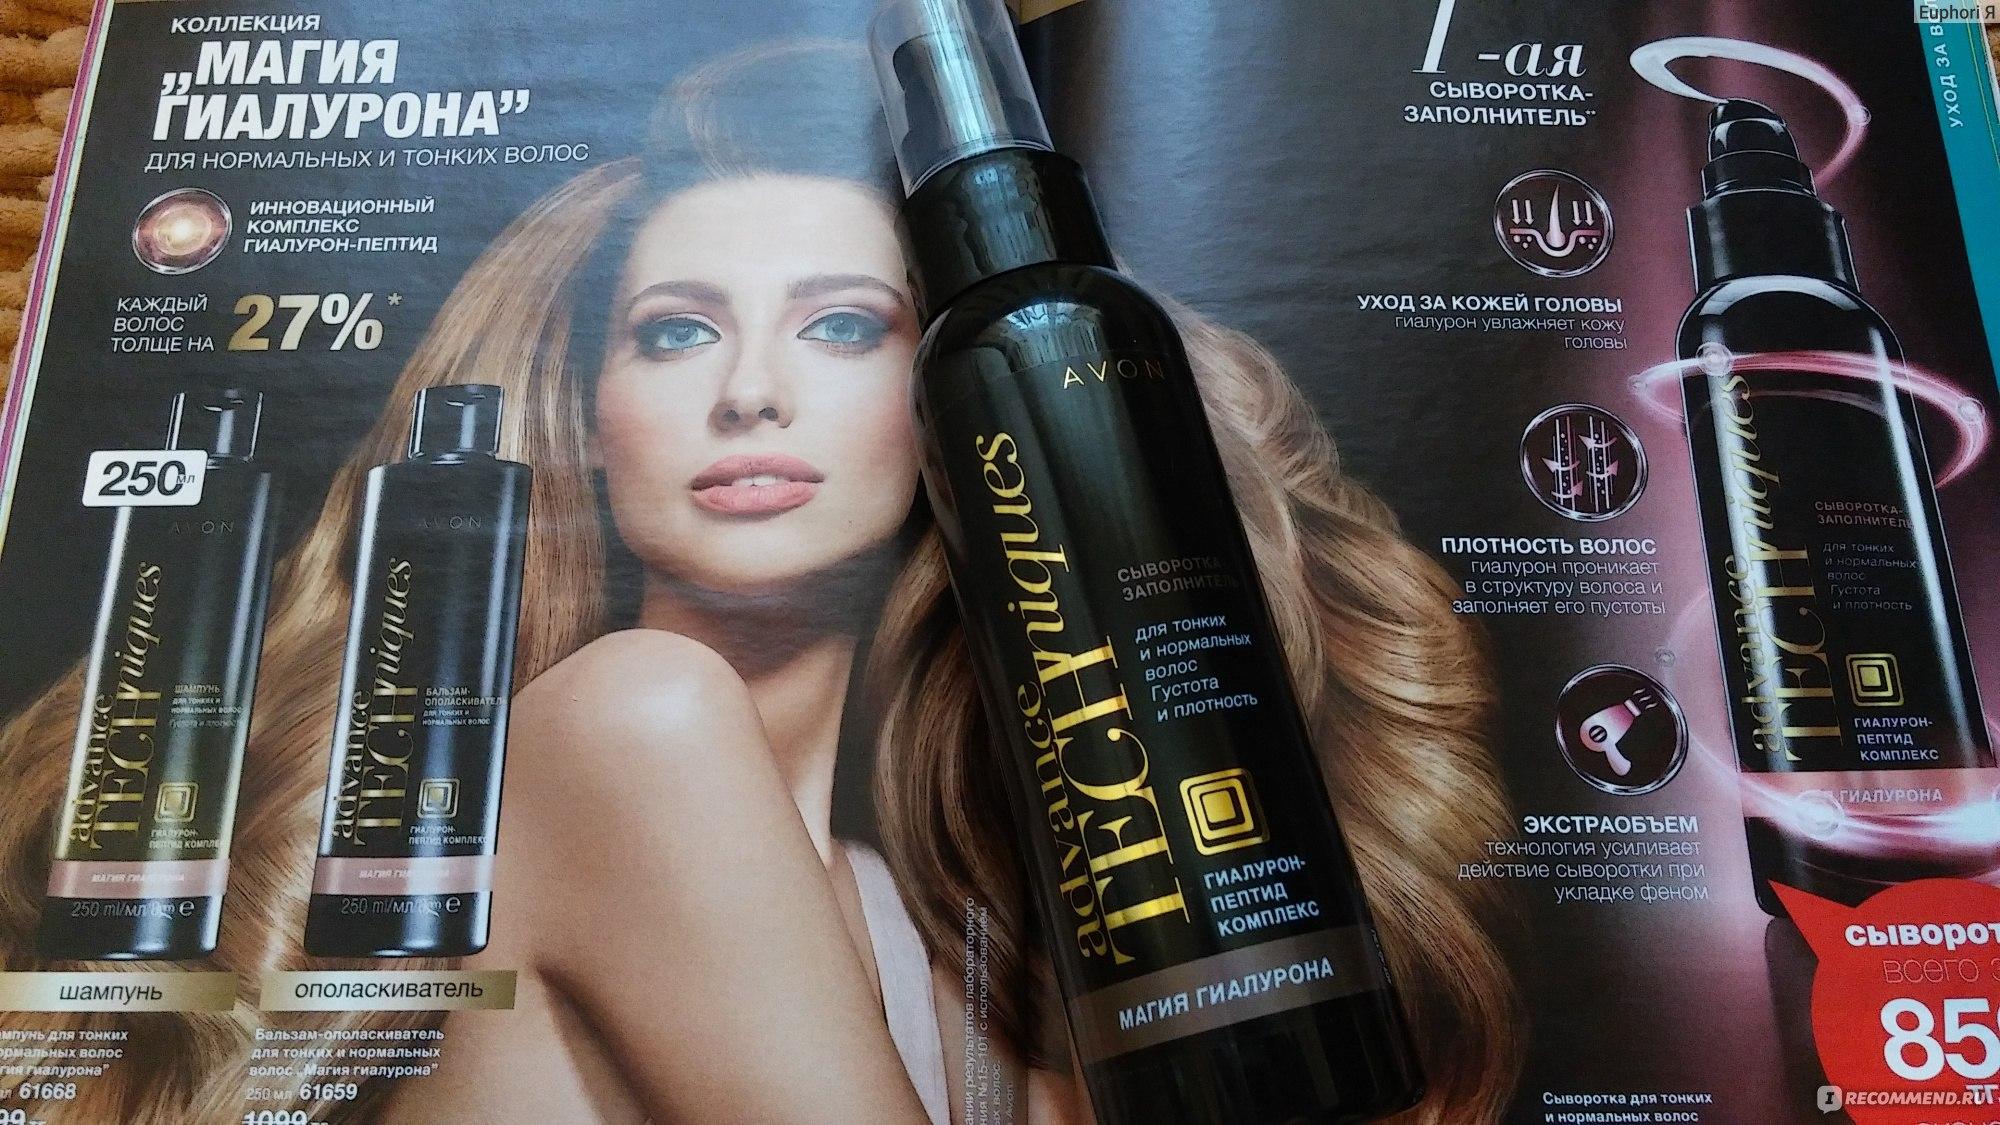 Сыворотка для тонких волос эйвон косметика edom купить